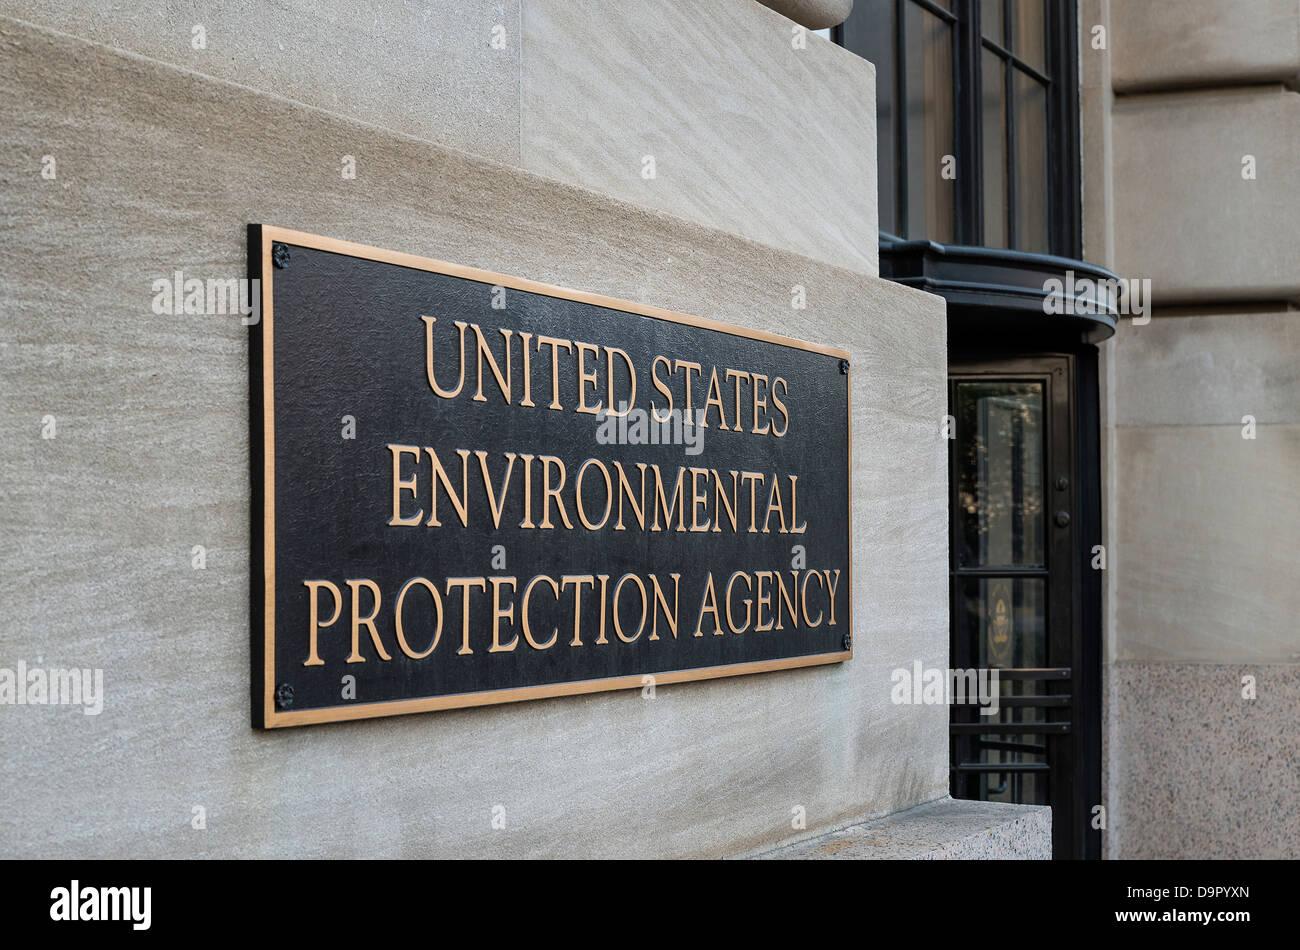 EPA Gebäude, United States Environmental Protection Agency, Washington DC, USA Stockbild